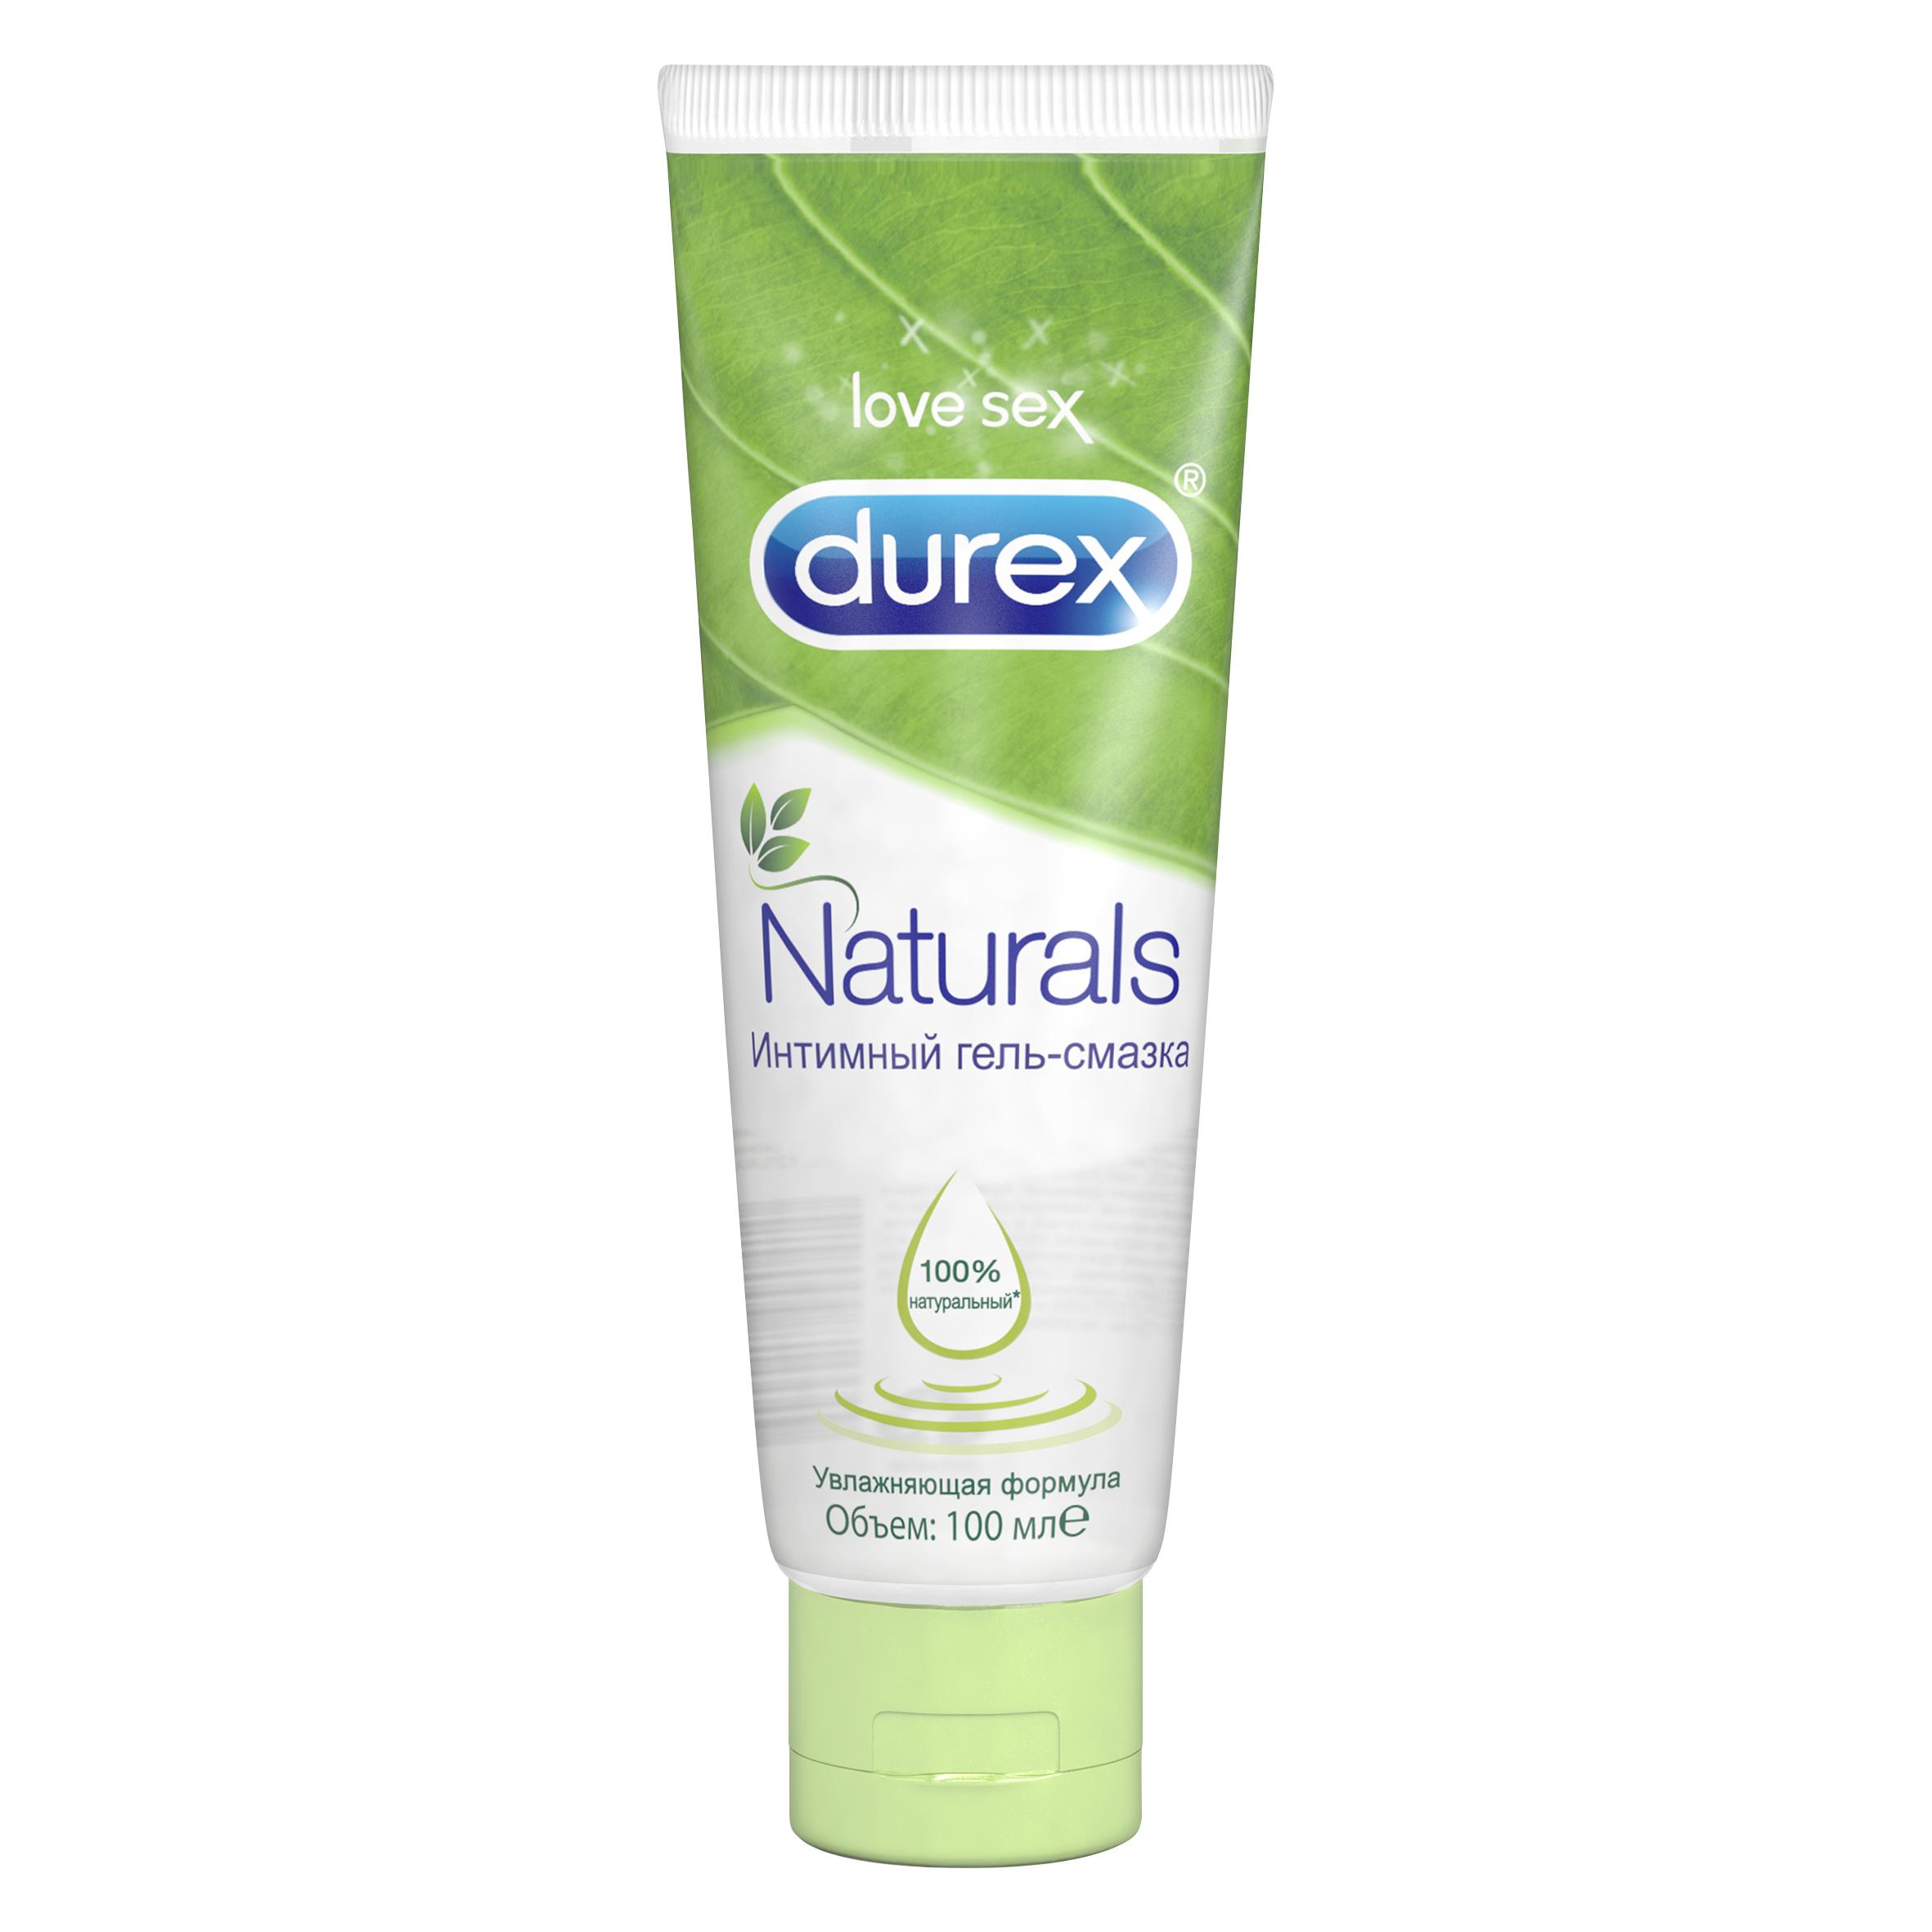 Гель-смазка Durex Naturals 100мл